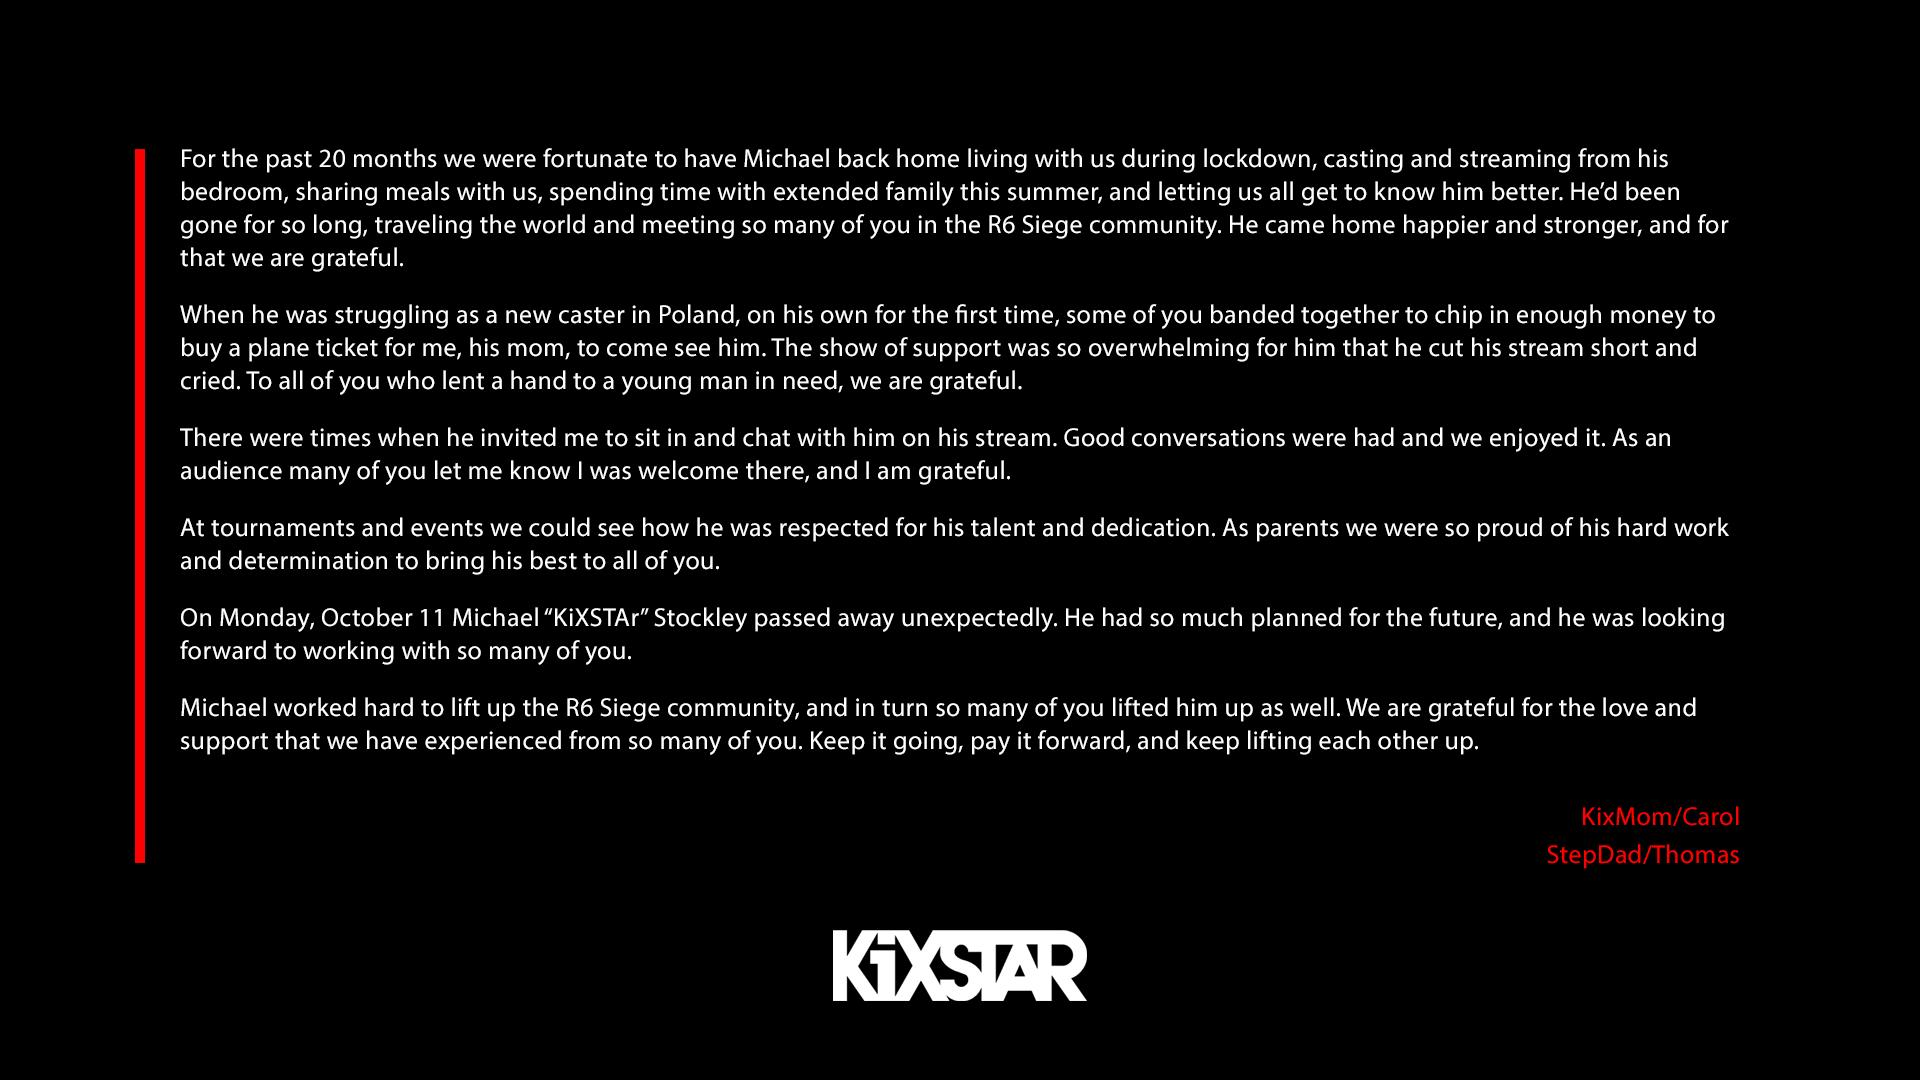 《彩虹六号:围攻》解说员KiXSTAr突发车祸 英年早逝仅24岁